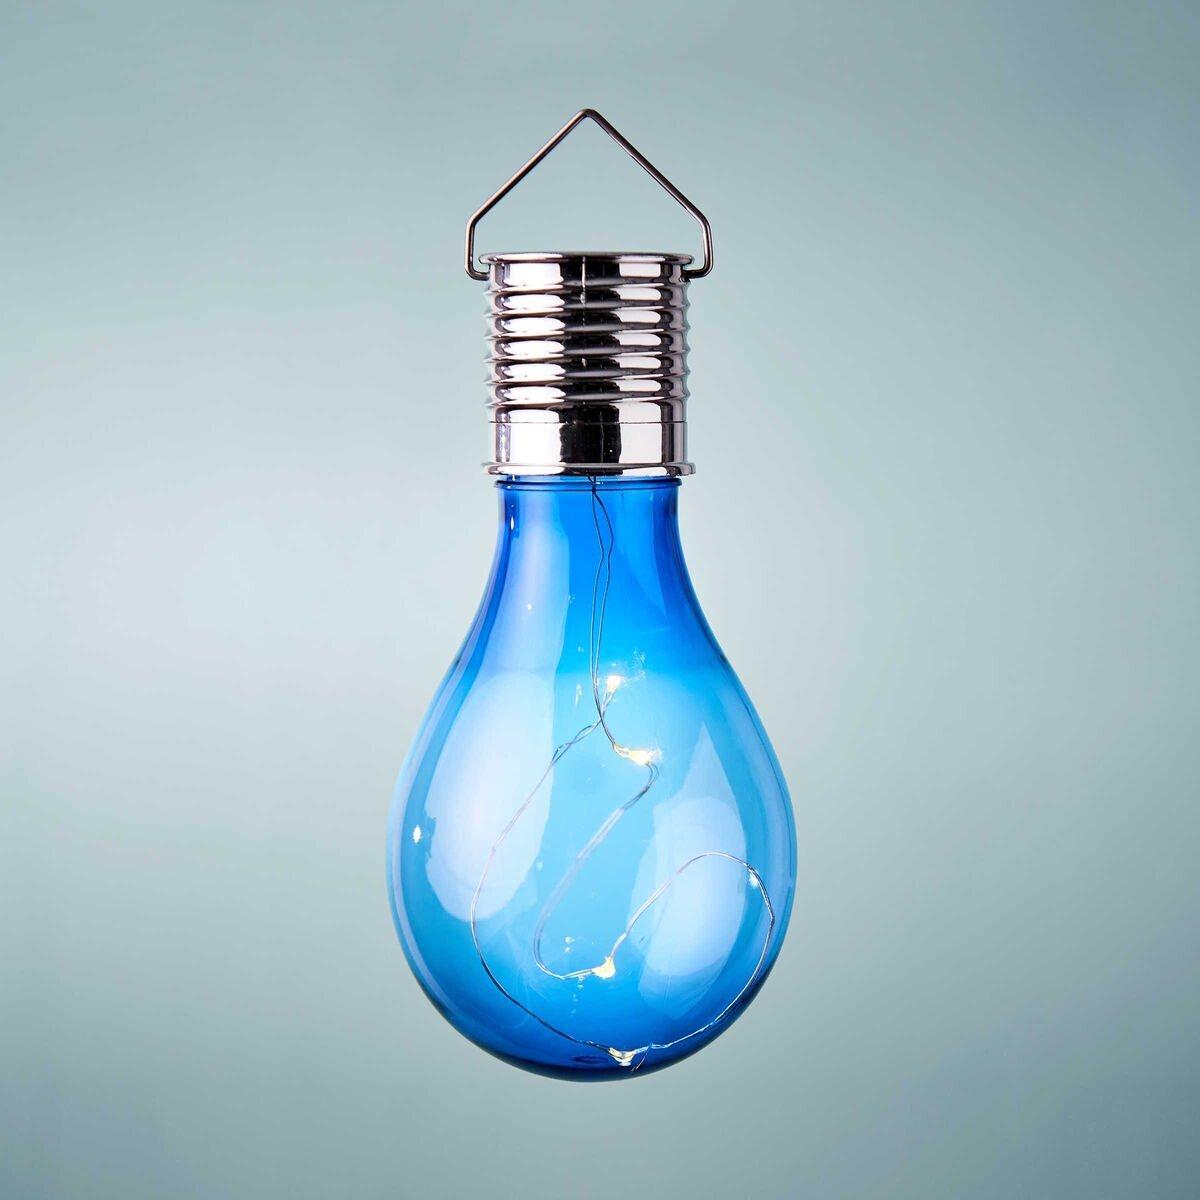 Bild 1 von Glühbirne Solar mit Aufhängung blau